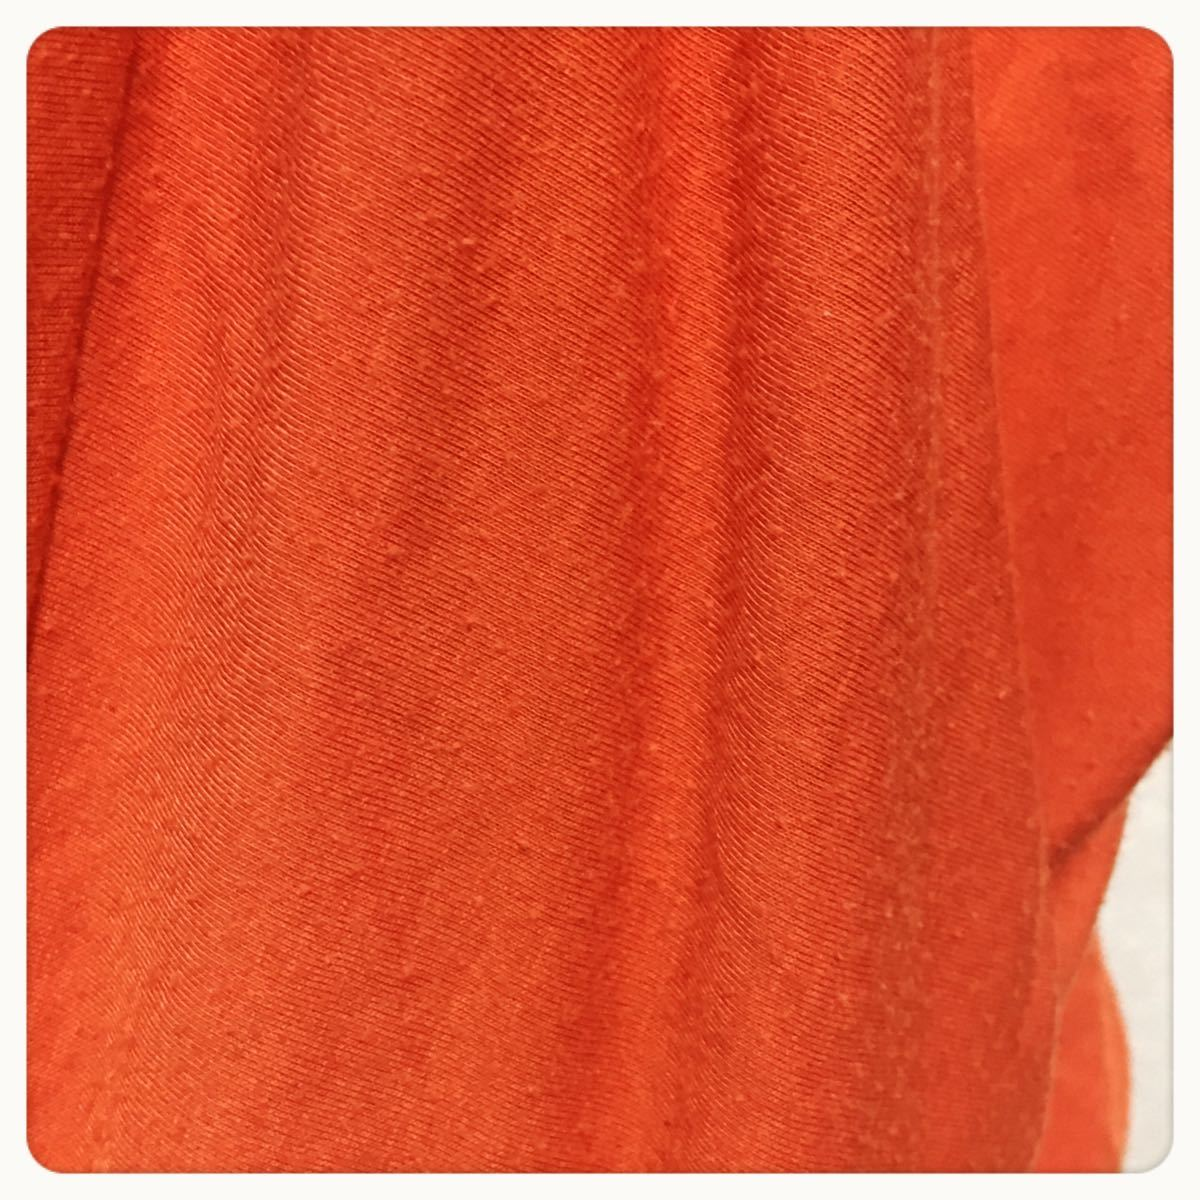 [anne]ドルマンスリーブ ニットソー 橙色 カットソー着心地良いLサイズOK